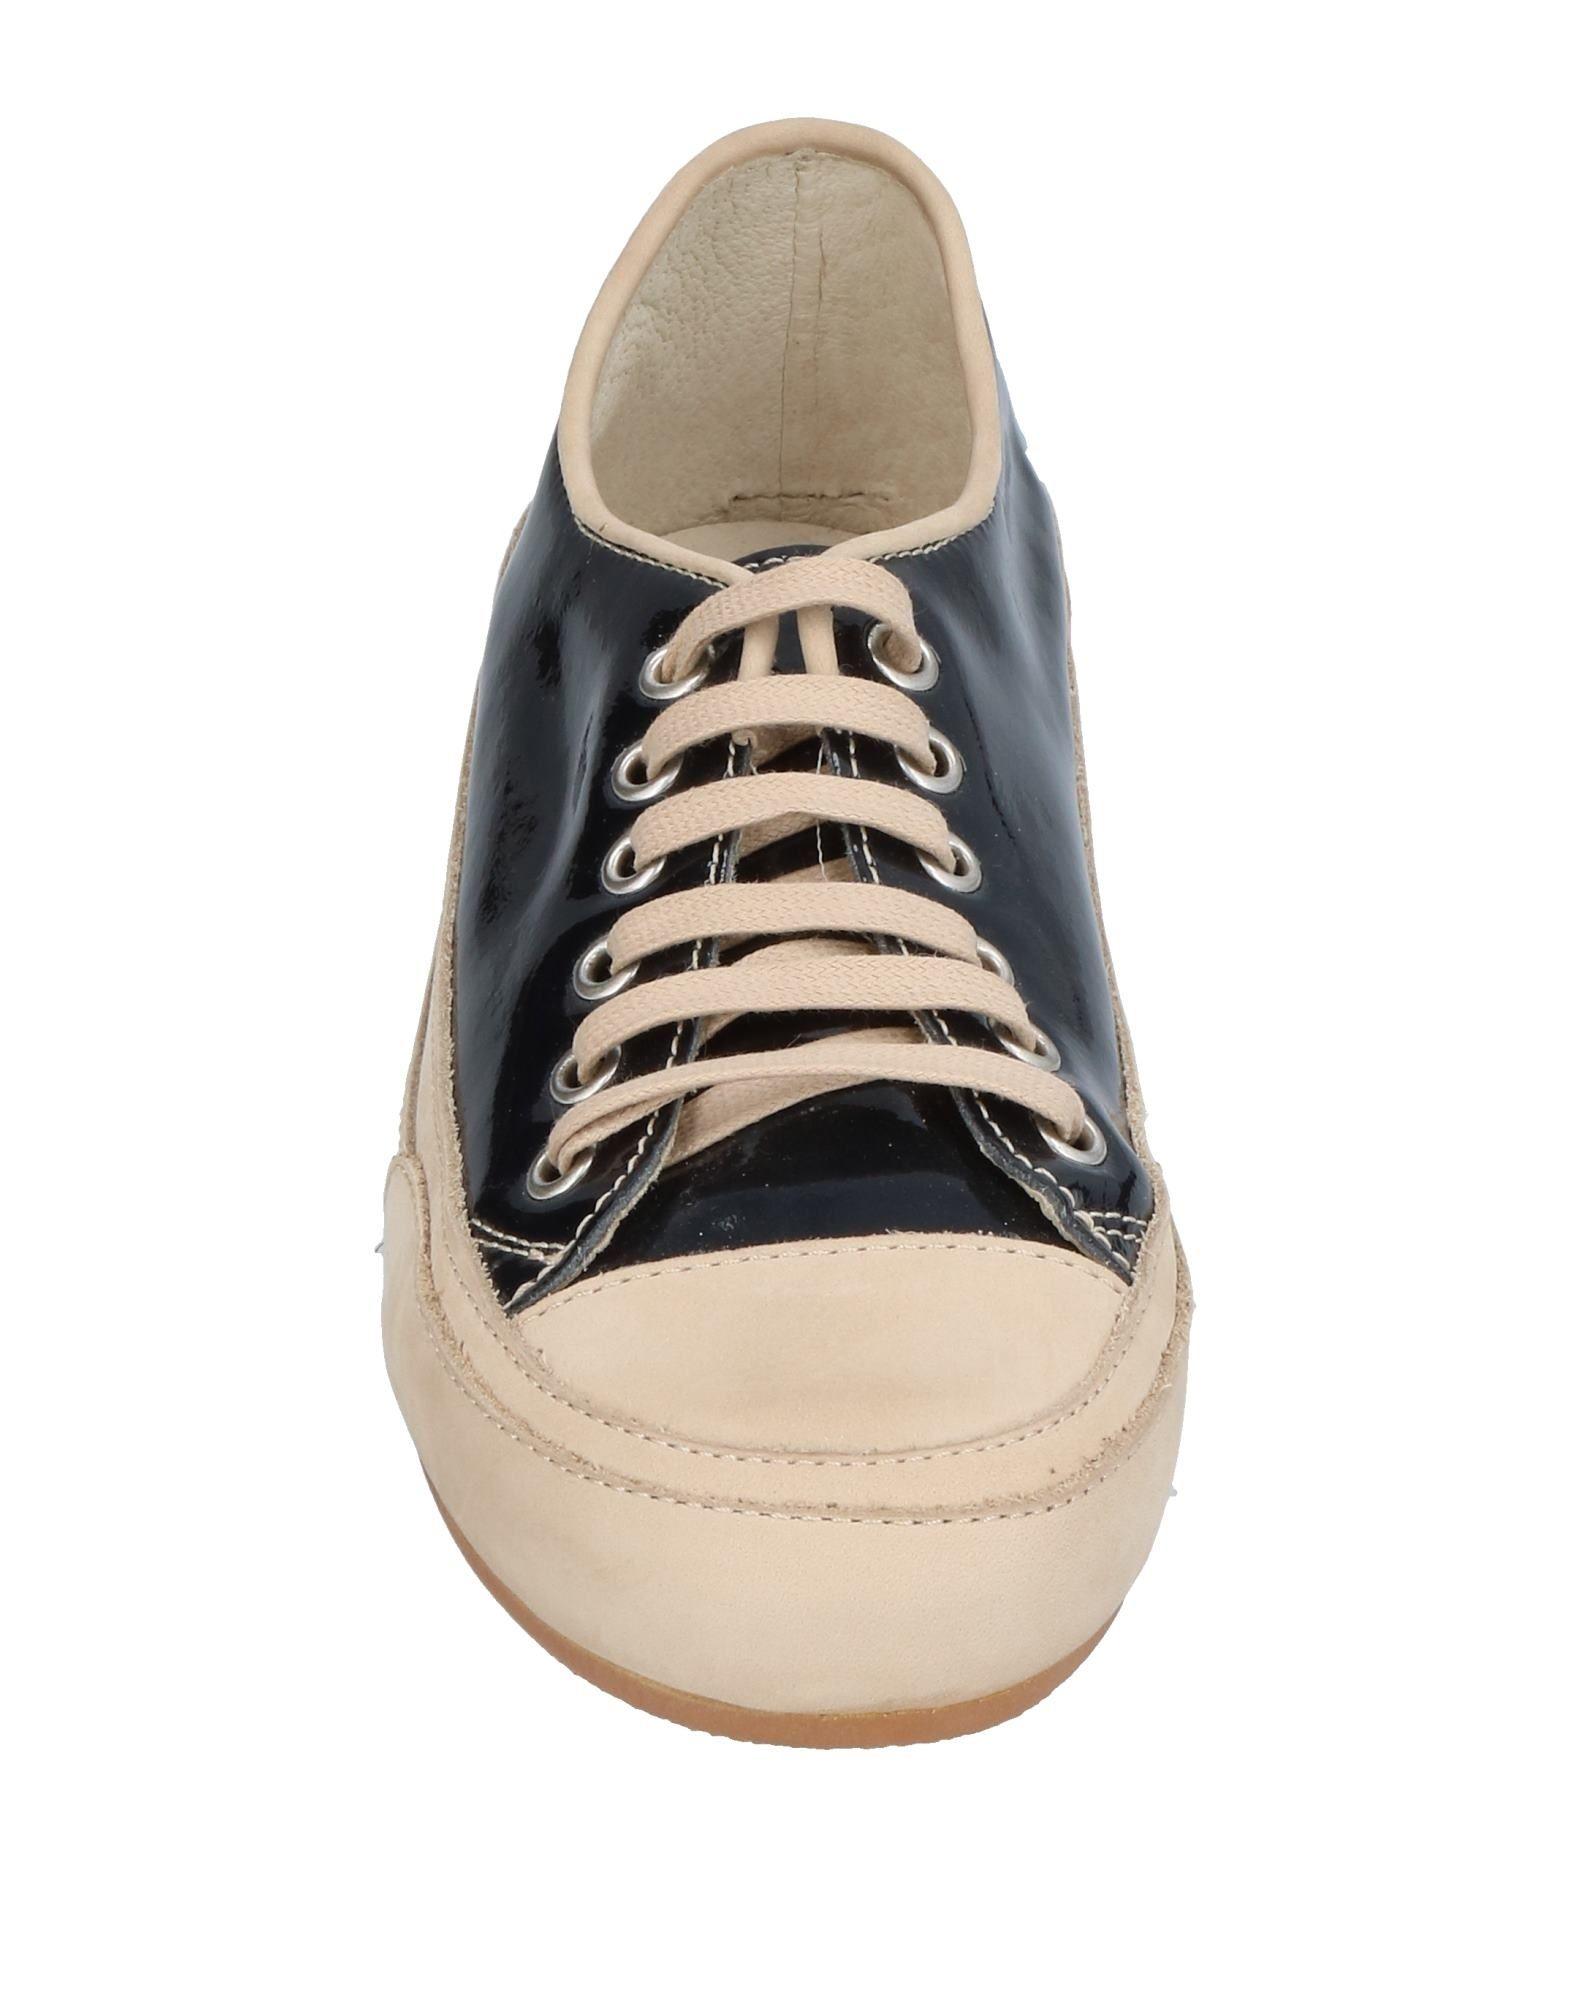 Sneakers Joyks Femme - Sneakers Joyks sur